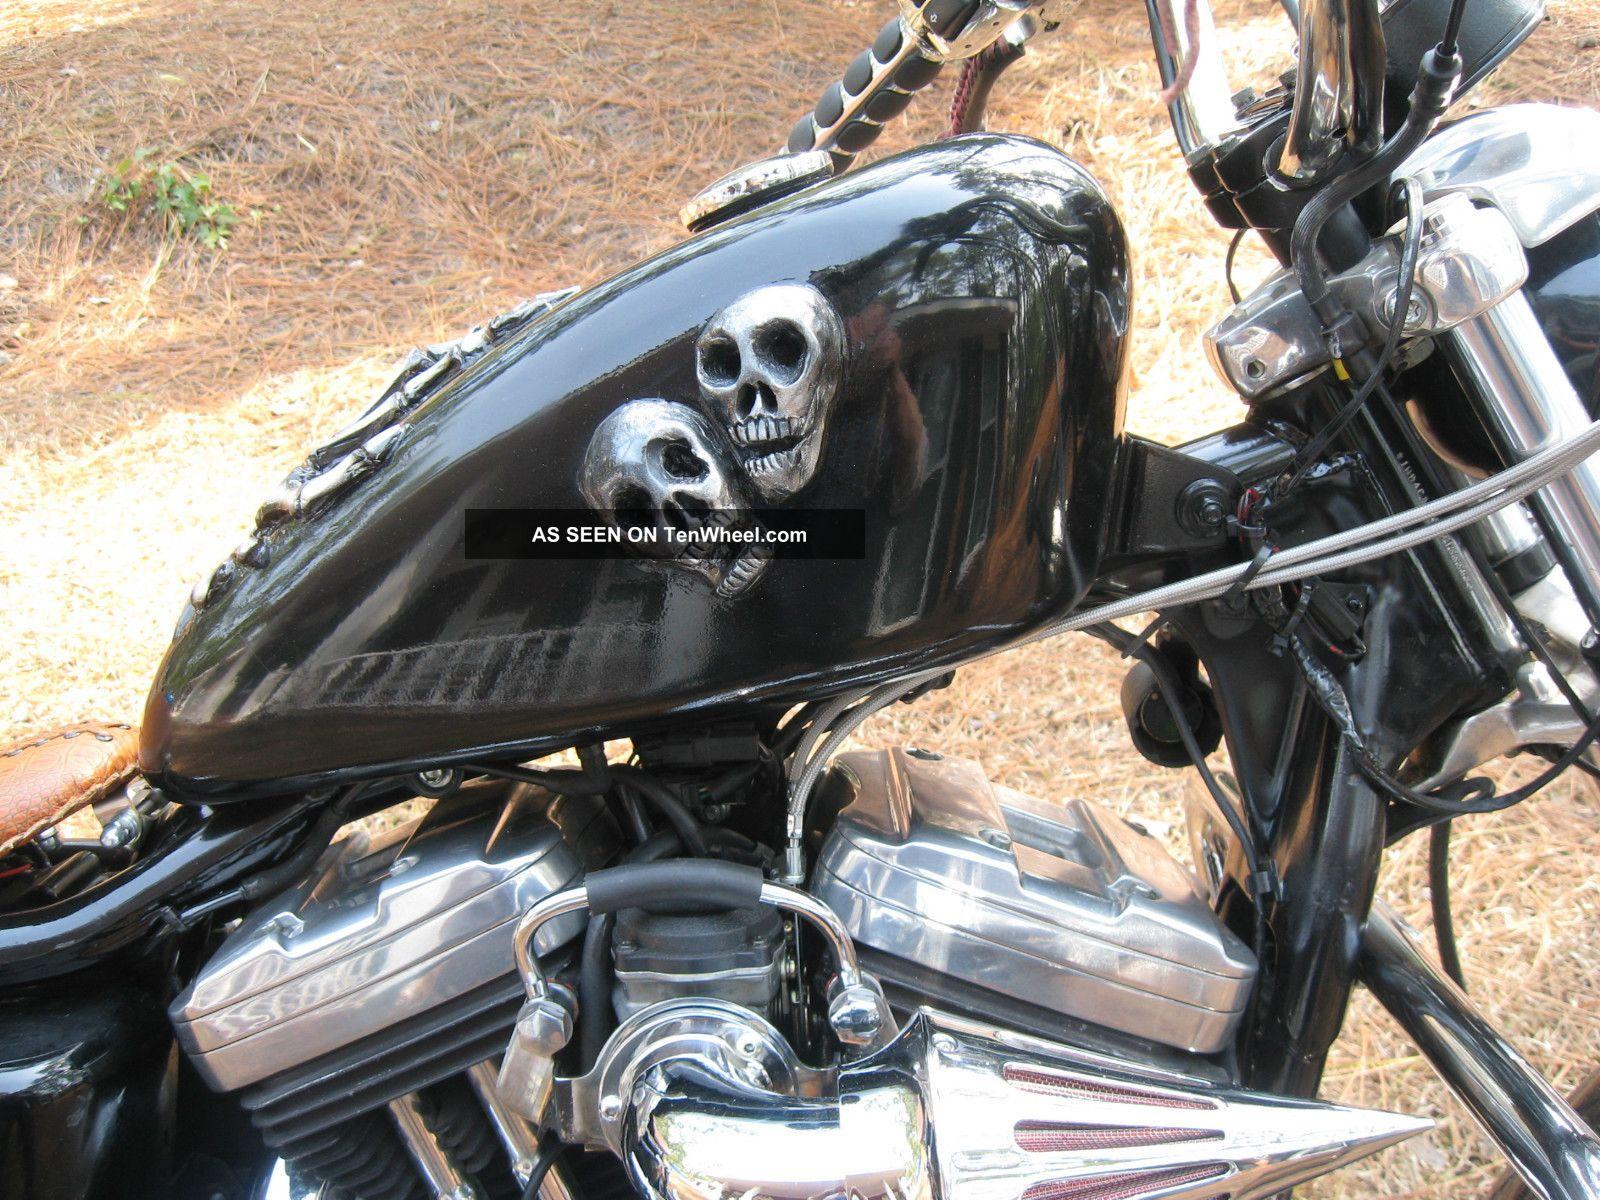 2002 Harley Davidson Sportster 883 Custom Bobber